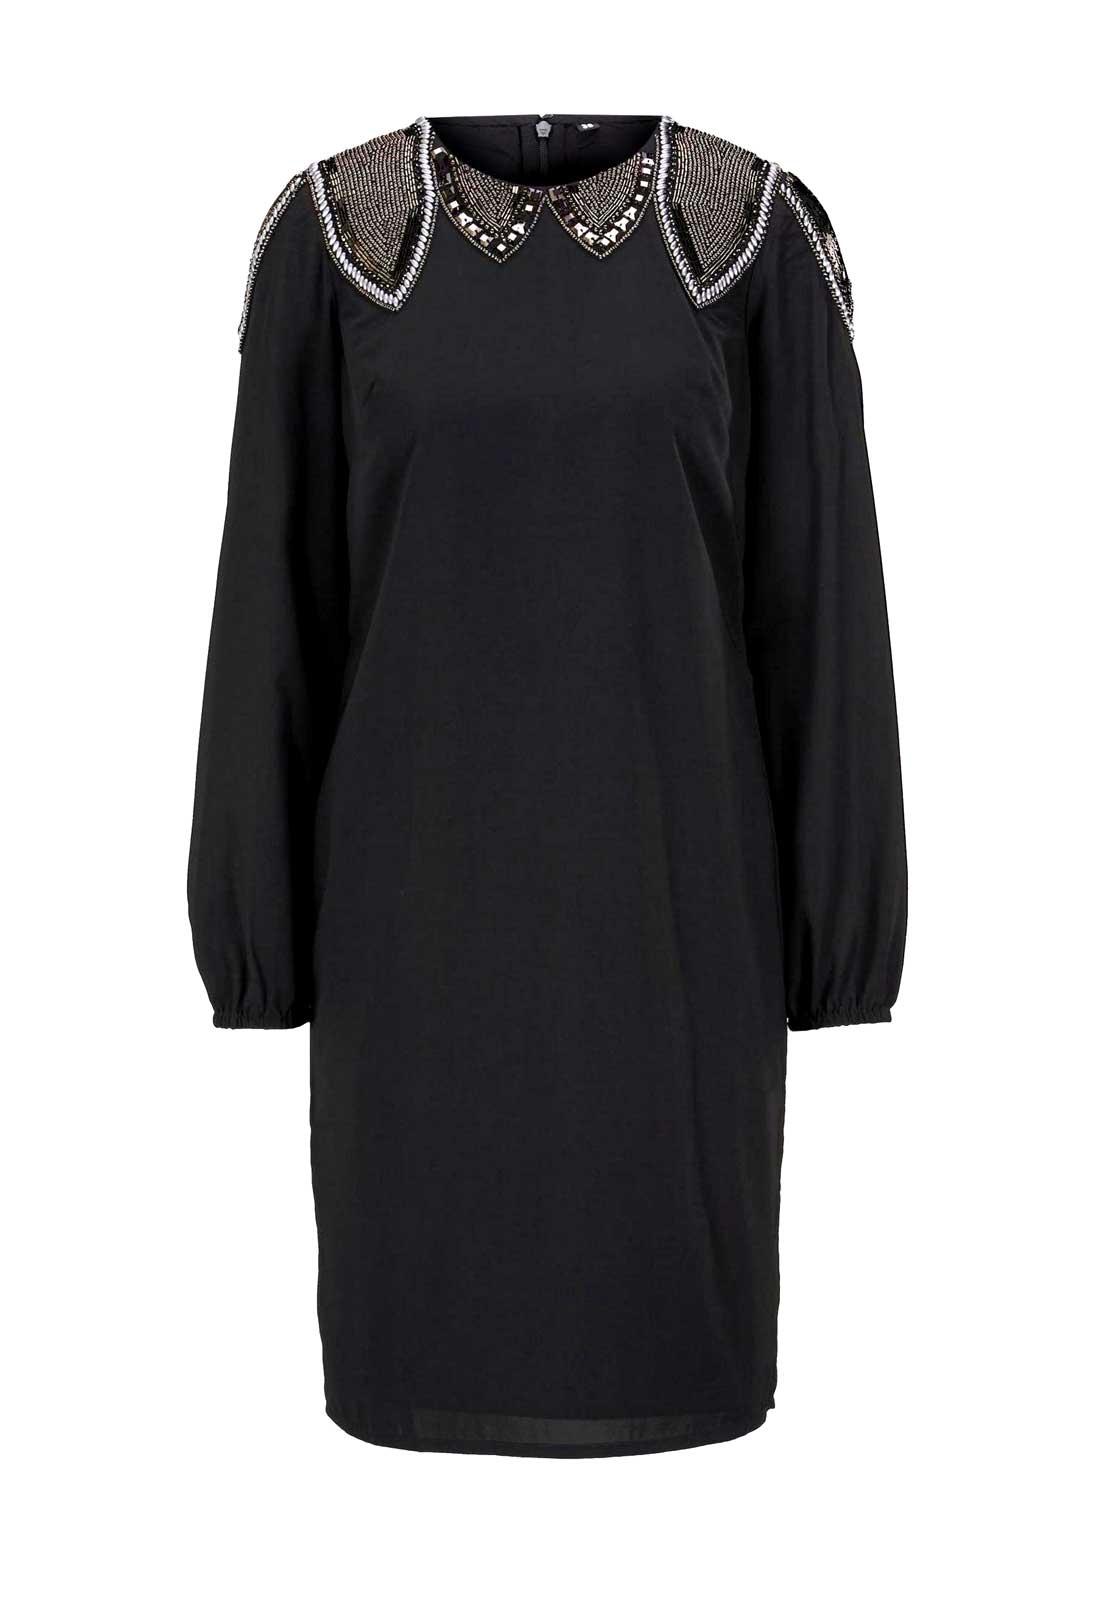 kurzes kleid für besondere anlässe Heine Cocktailkleid mit Perlen, schwarz 775.158 Missforty